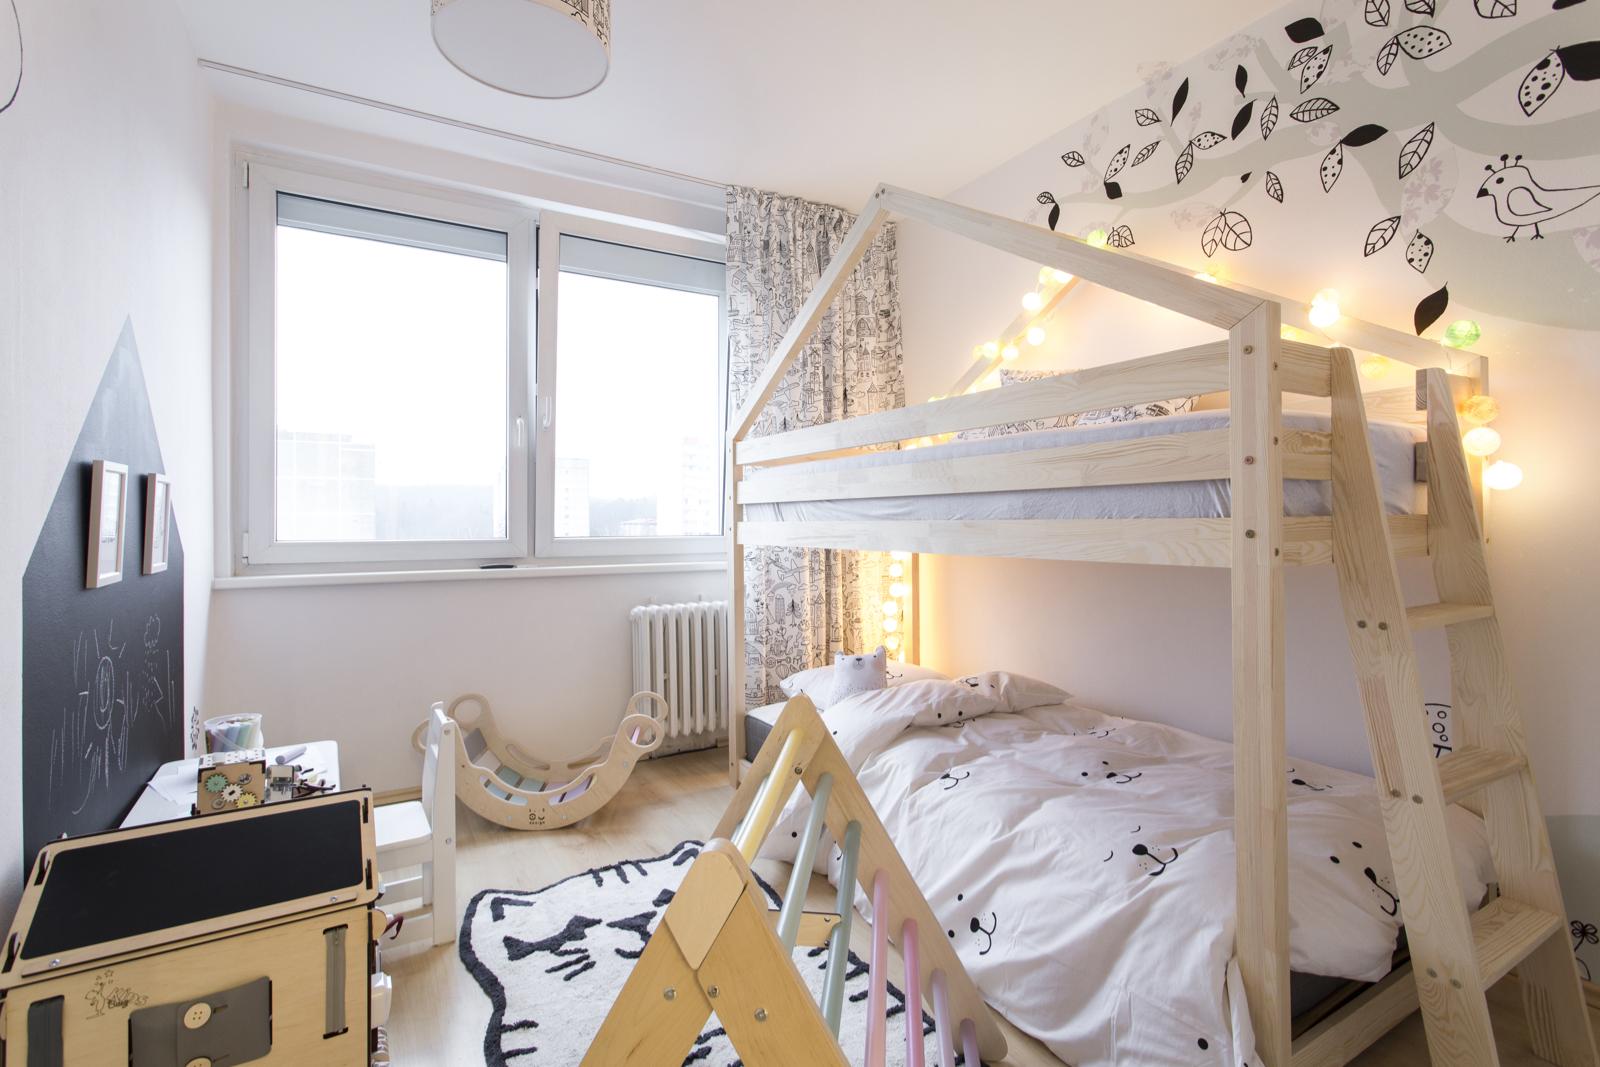 Montessori omalovankový pokojíček pro zvídavou slečnu (Postav si sen)